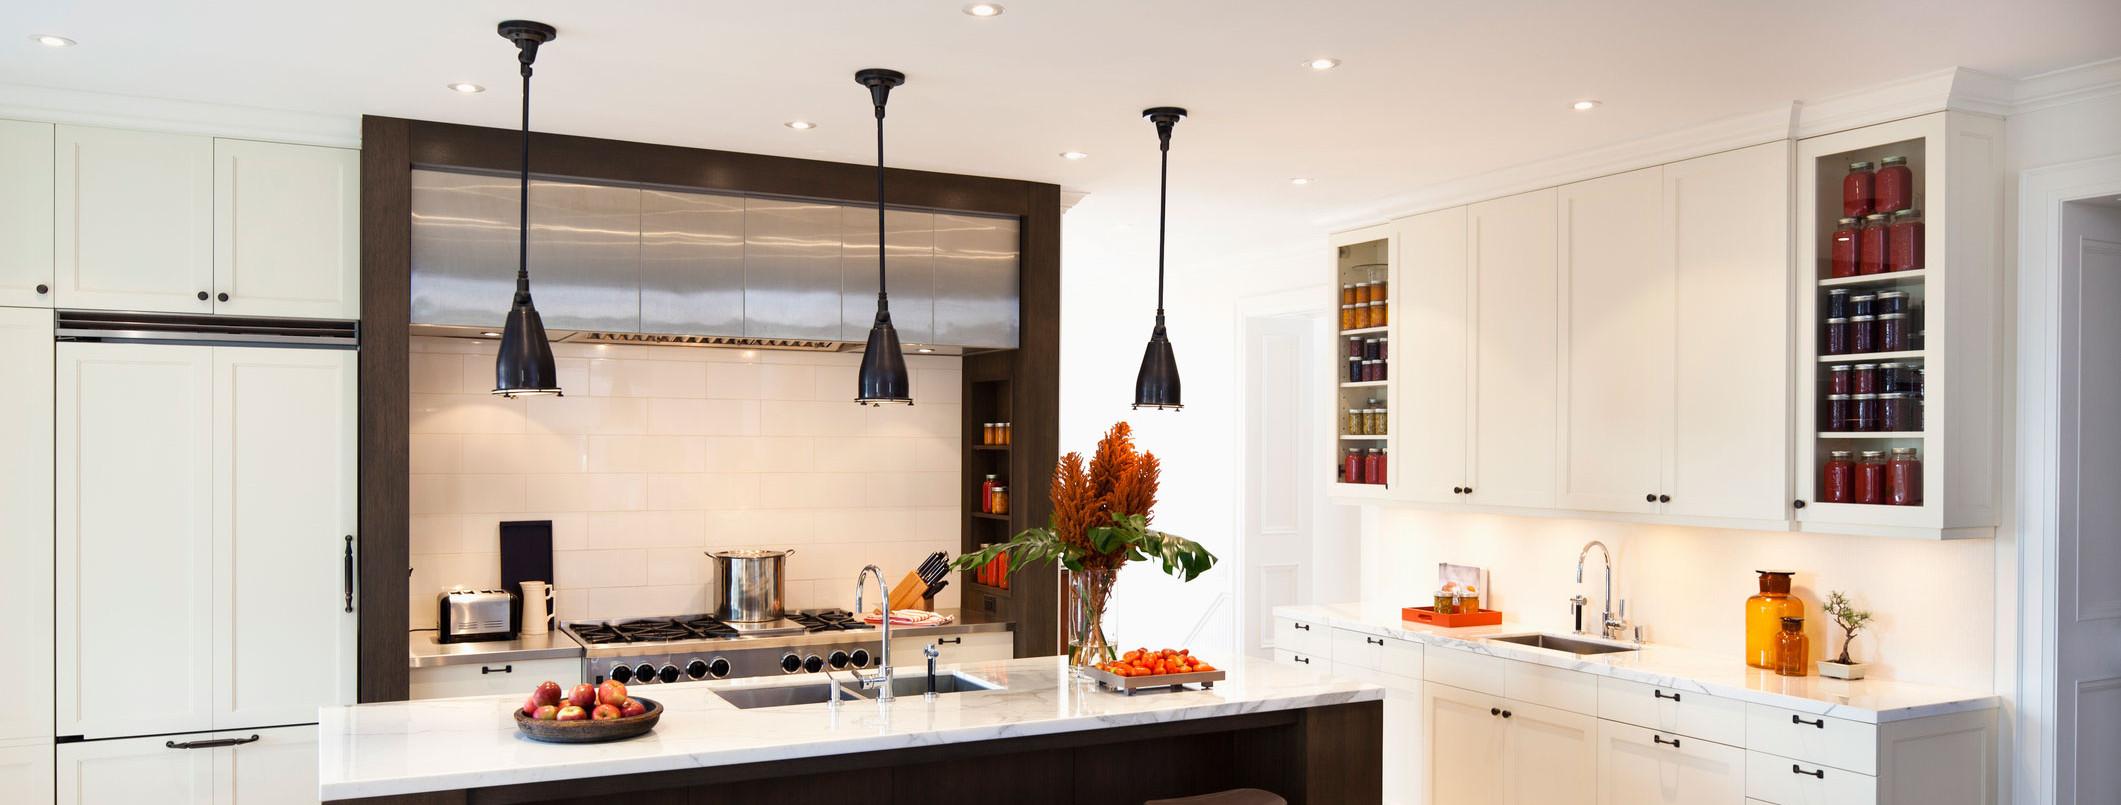 decoracao-para-sala-de-jantar-iluminacao-luminaria-pendente-aluminio